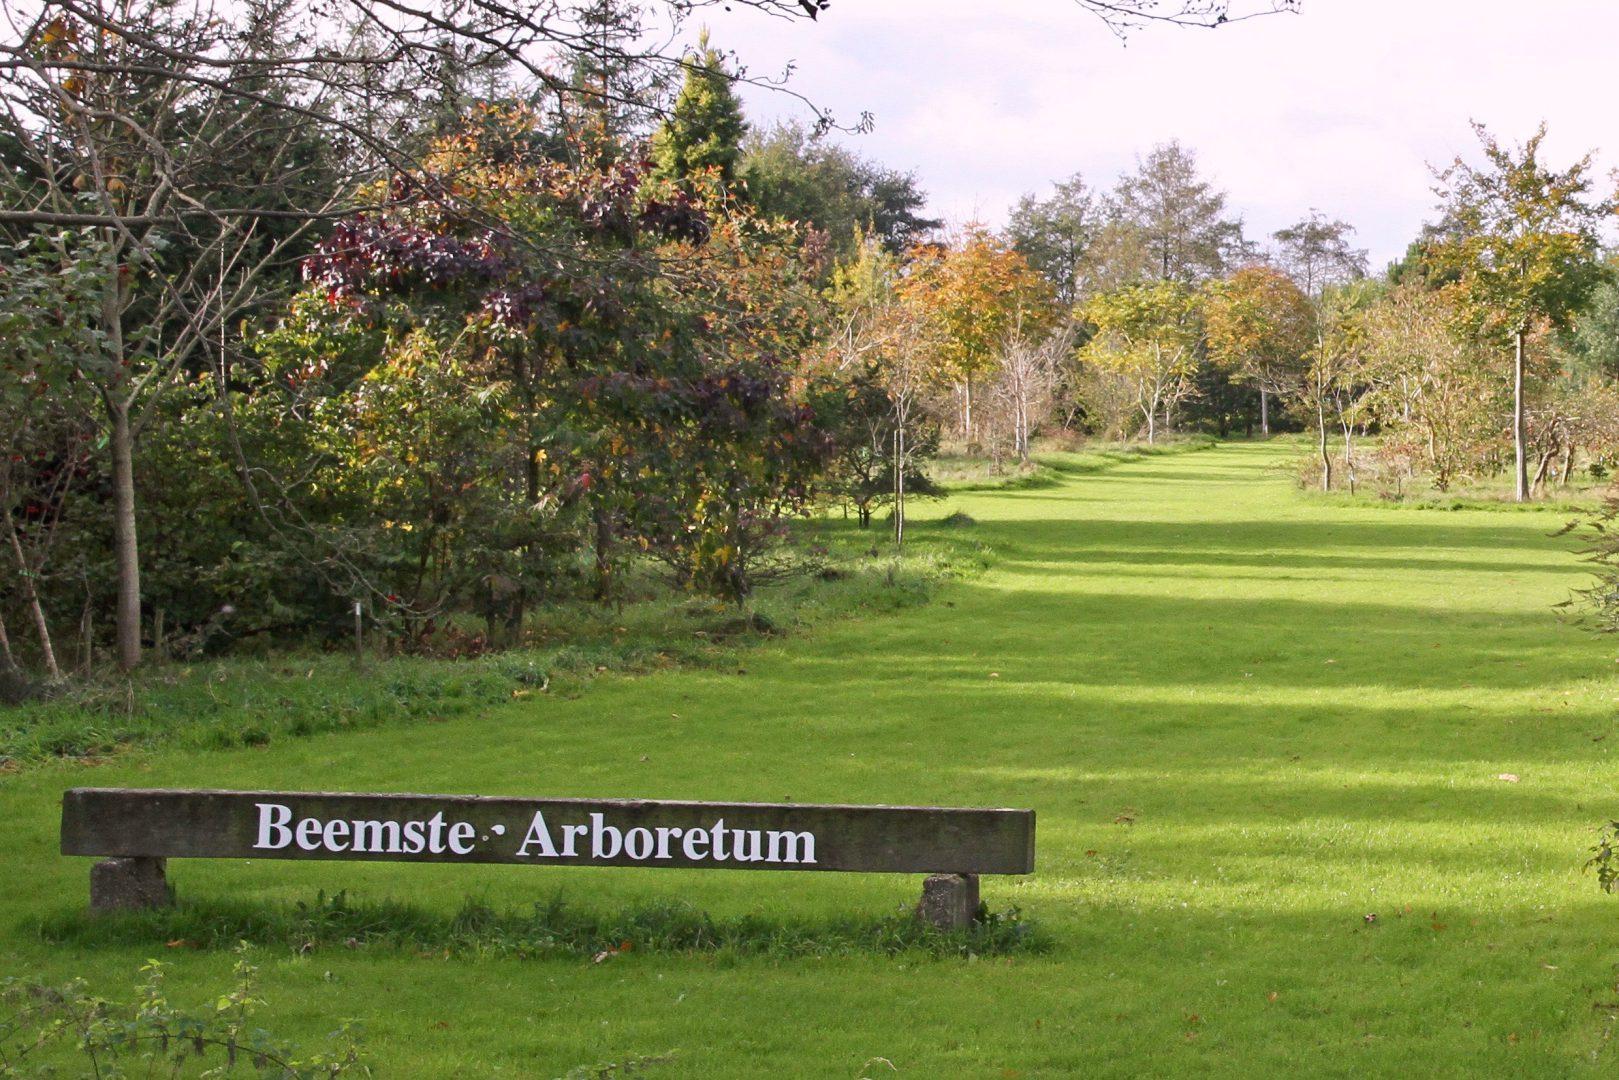 Beemster Arboretum